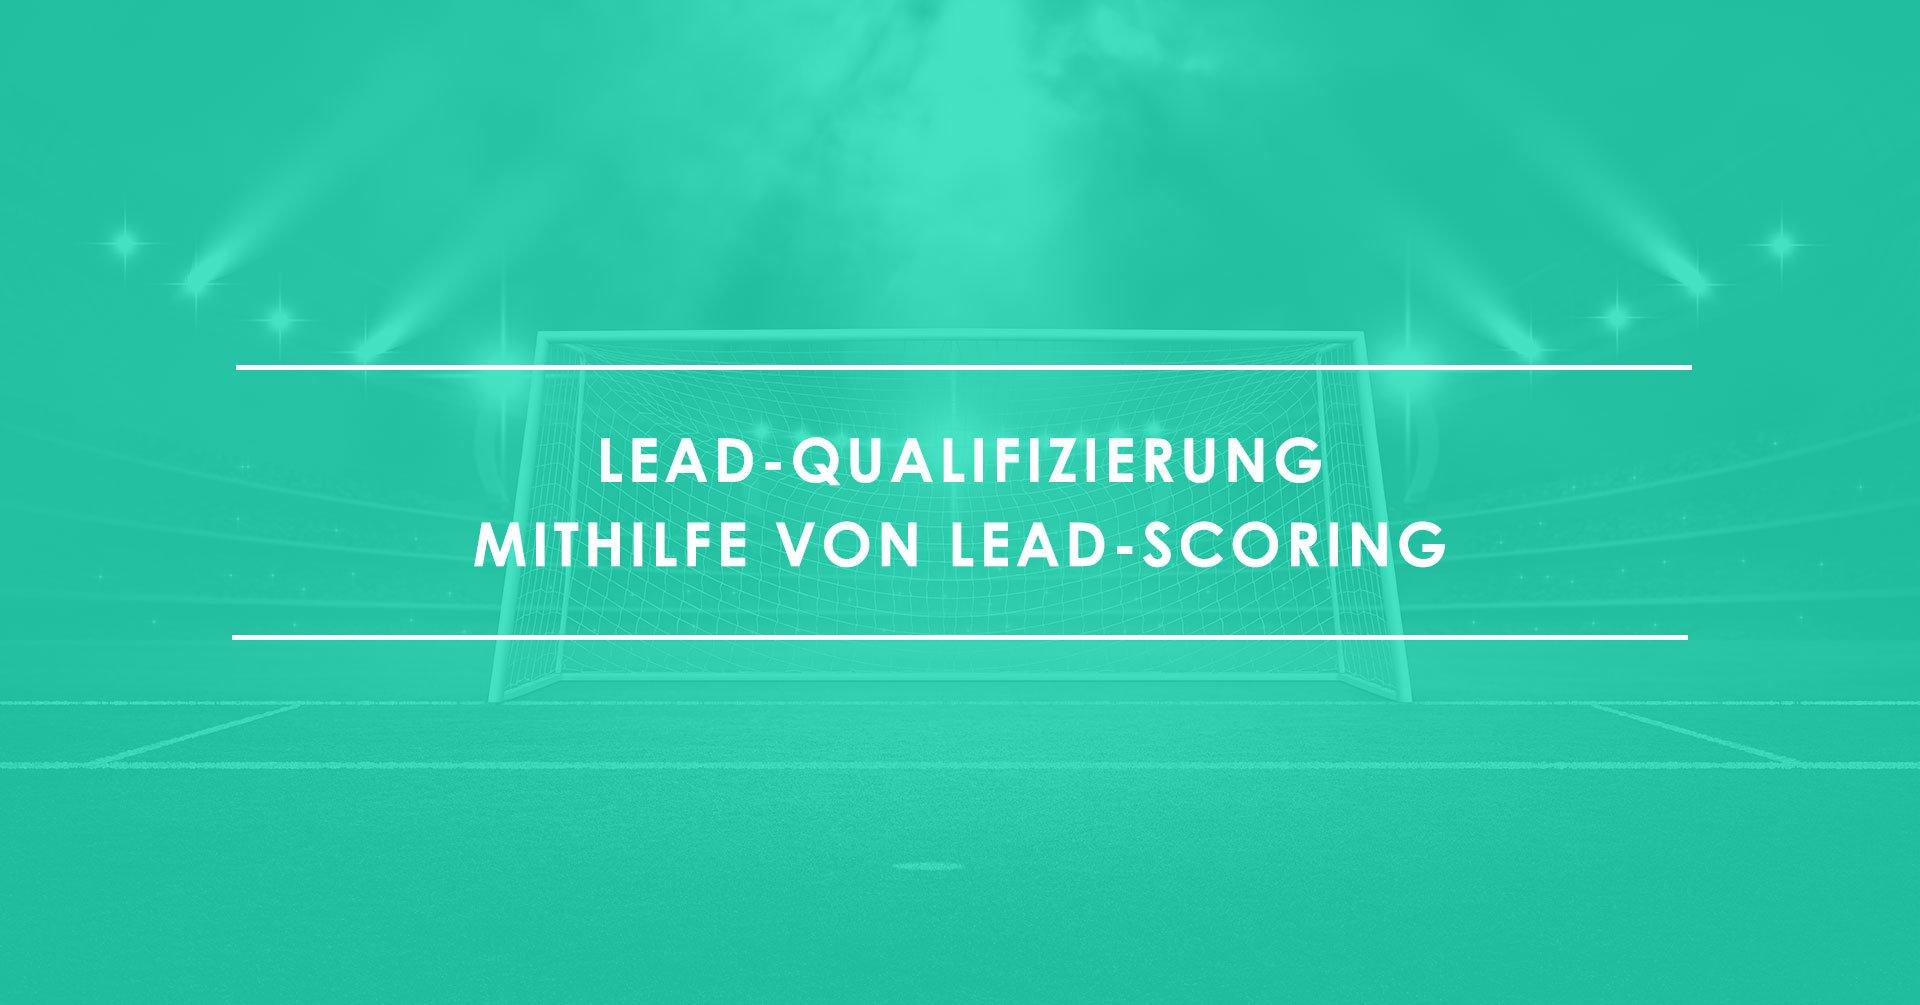 JPGs_03-07_Lead-Qualifizierung-mithilfe-von-Lead-Scoring